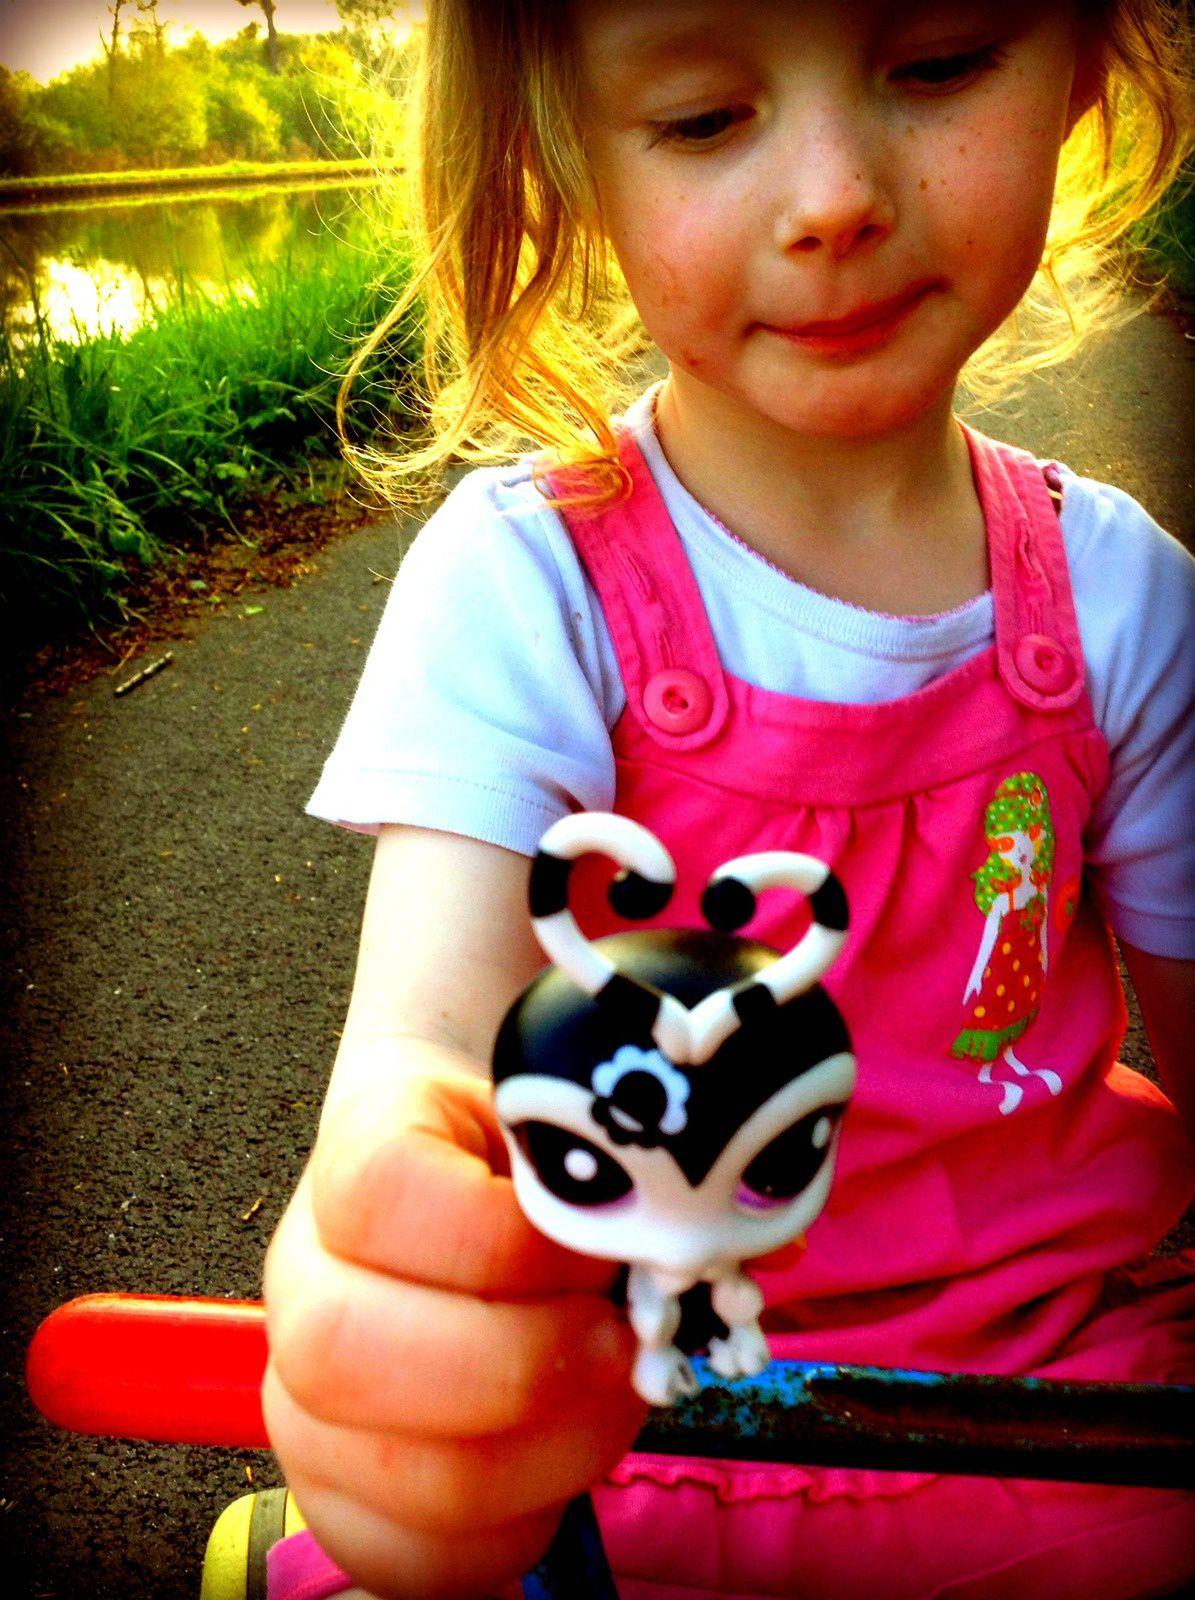 avec ses Petshop ! même en balade (elle a toujours des jouets sur elle, même pour aller à l'école elle les cache dans ses poches et je les découvre toujours à la fin)